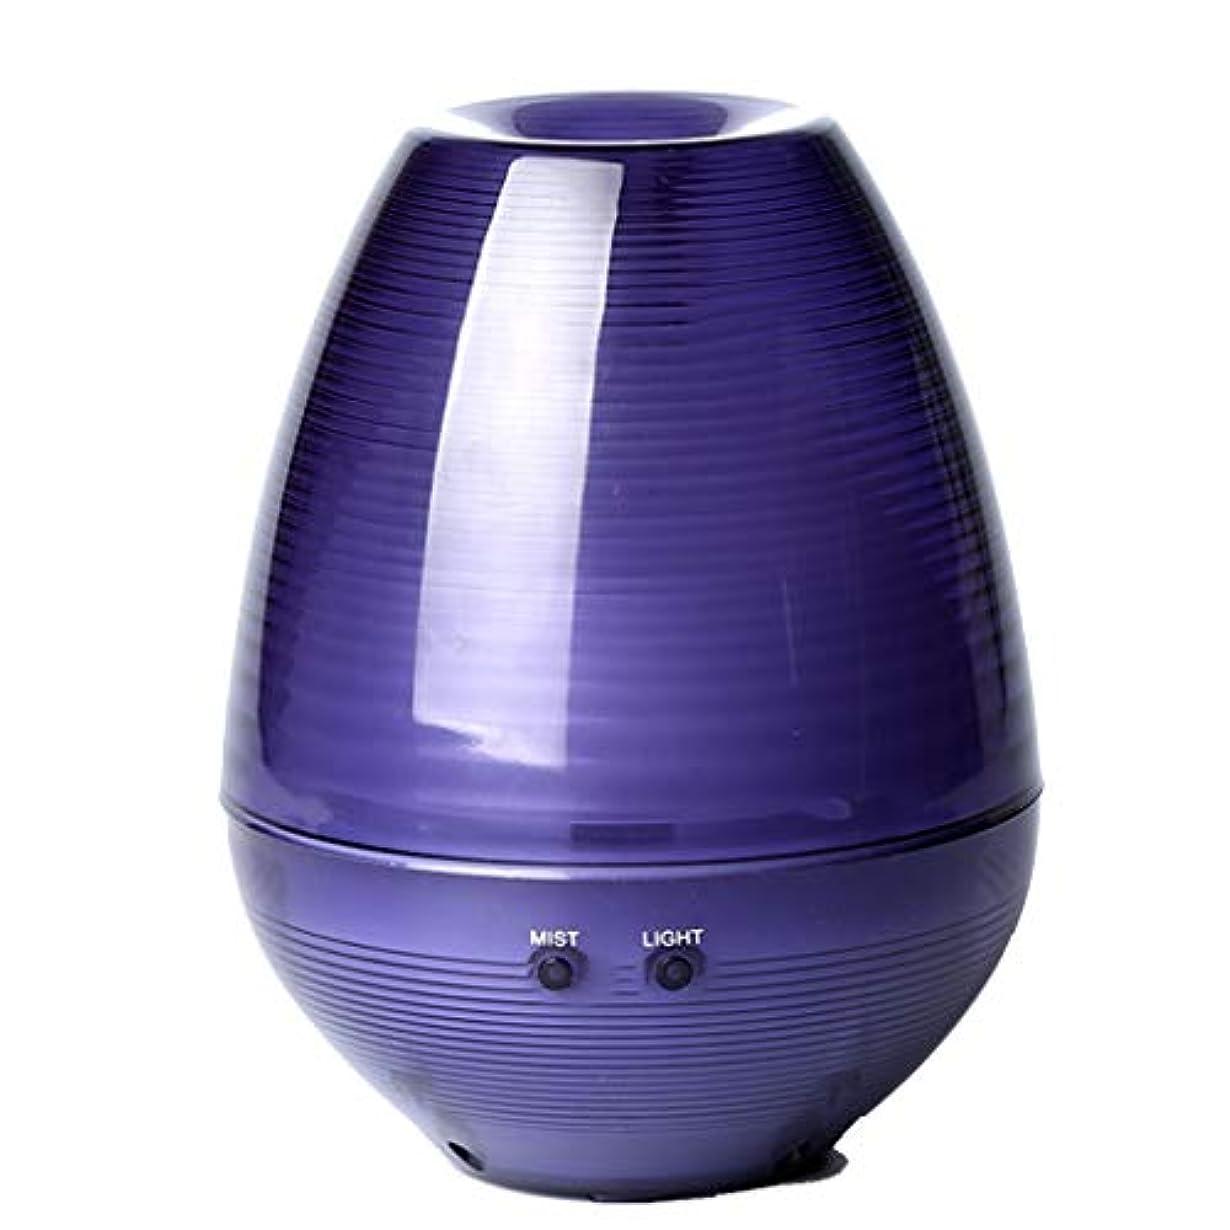 豆腐植物学チラチラするアロマセラピーエッセンシャルオイルディフューザー、アロマディフューザークールミスト加湿器ウォーターレスオートシャットオフホームオフィス用ヨガ (Color : Purple)